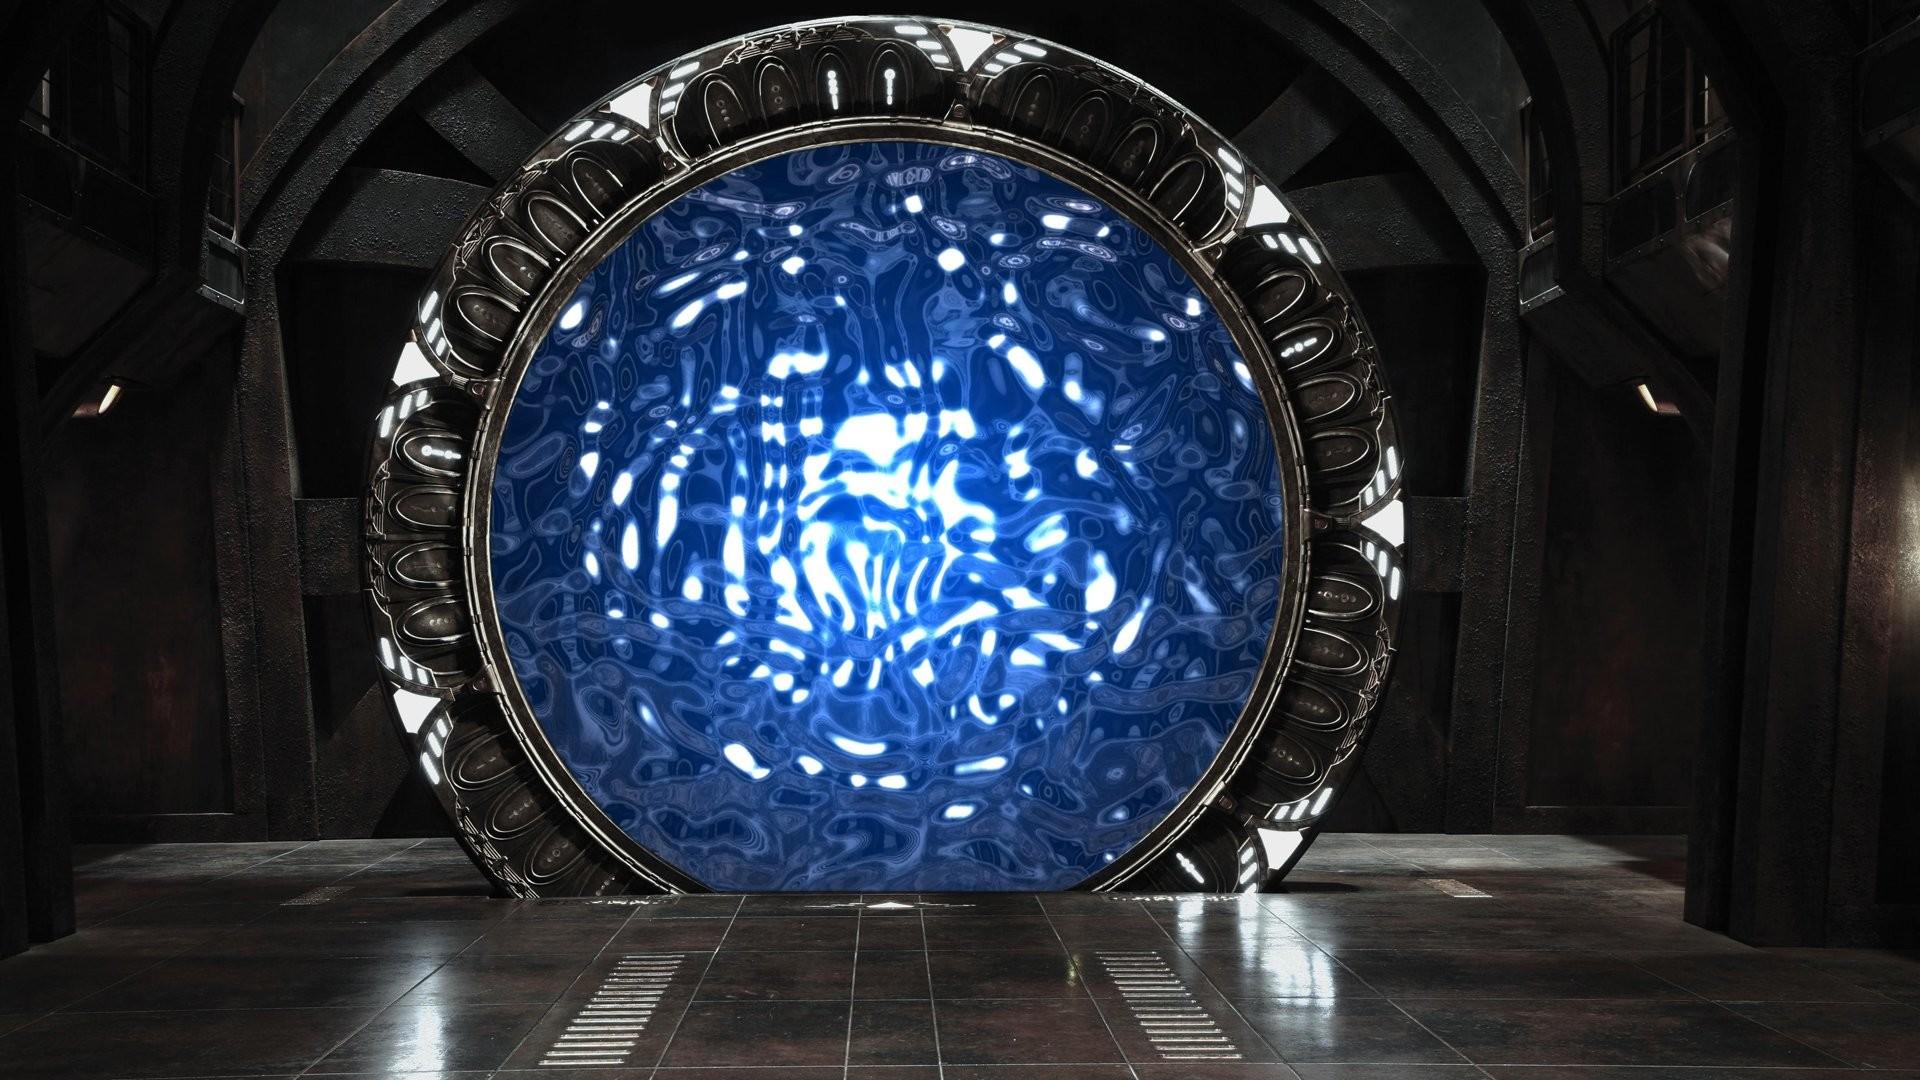 Stargate Screensavers & Wallpaper – WallpaperSafari